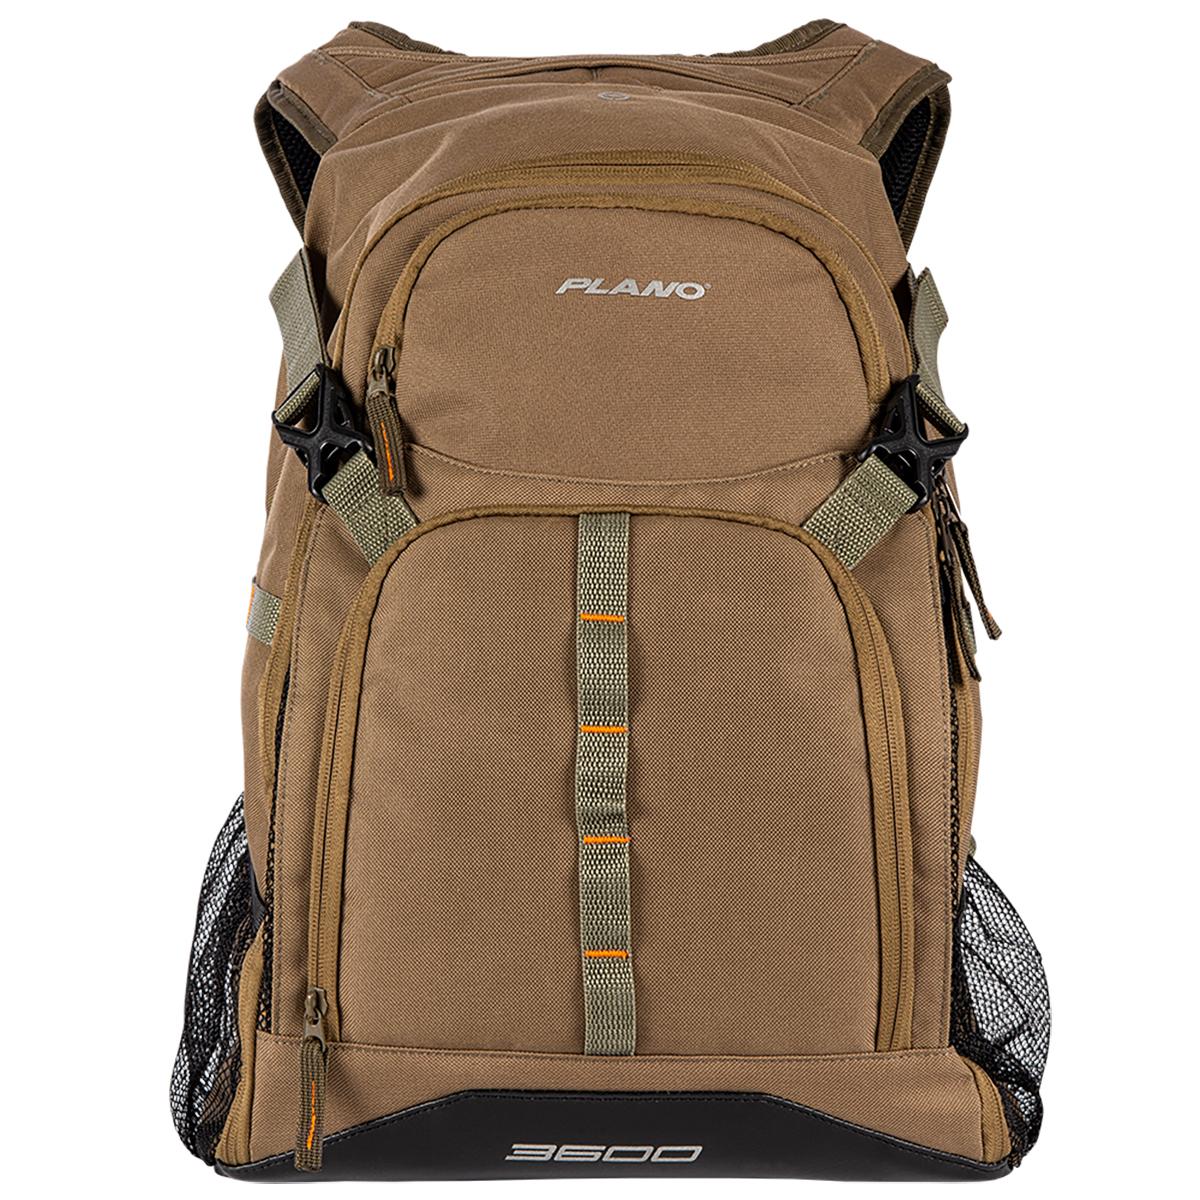 Plano E-Series Tackle Backpack thumbnail